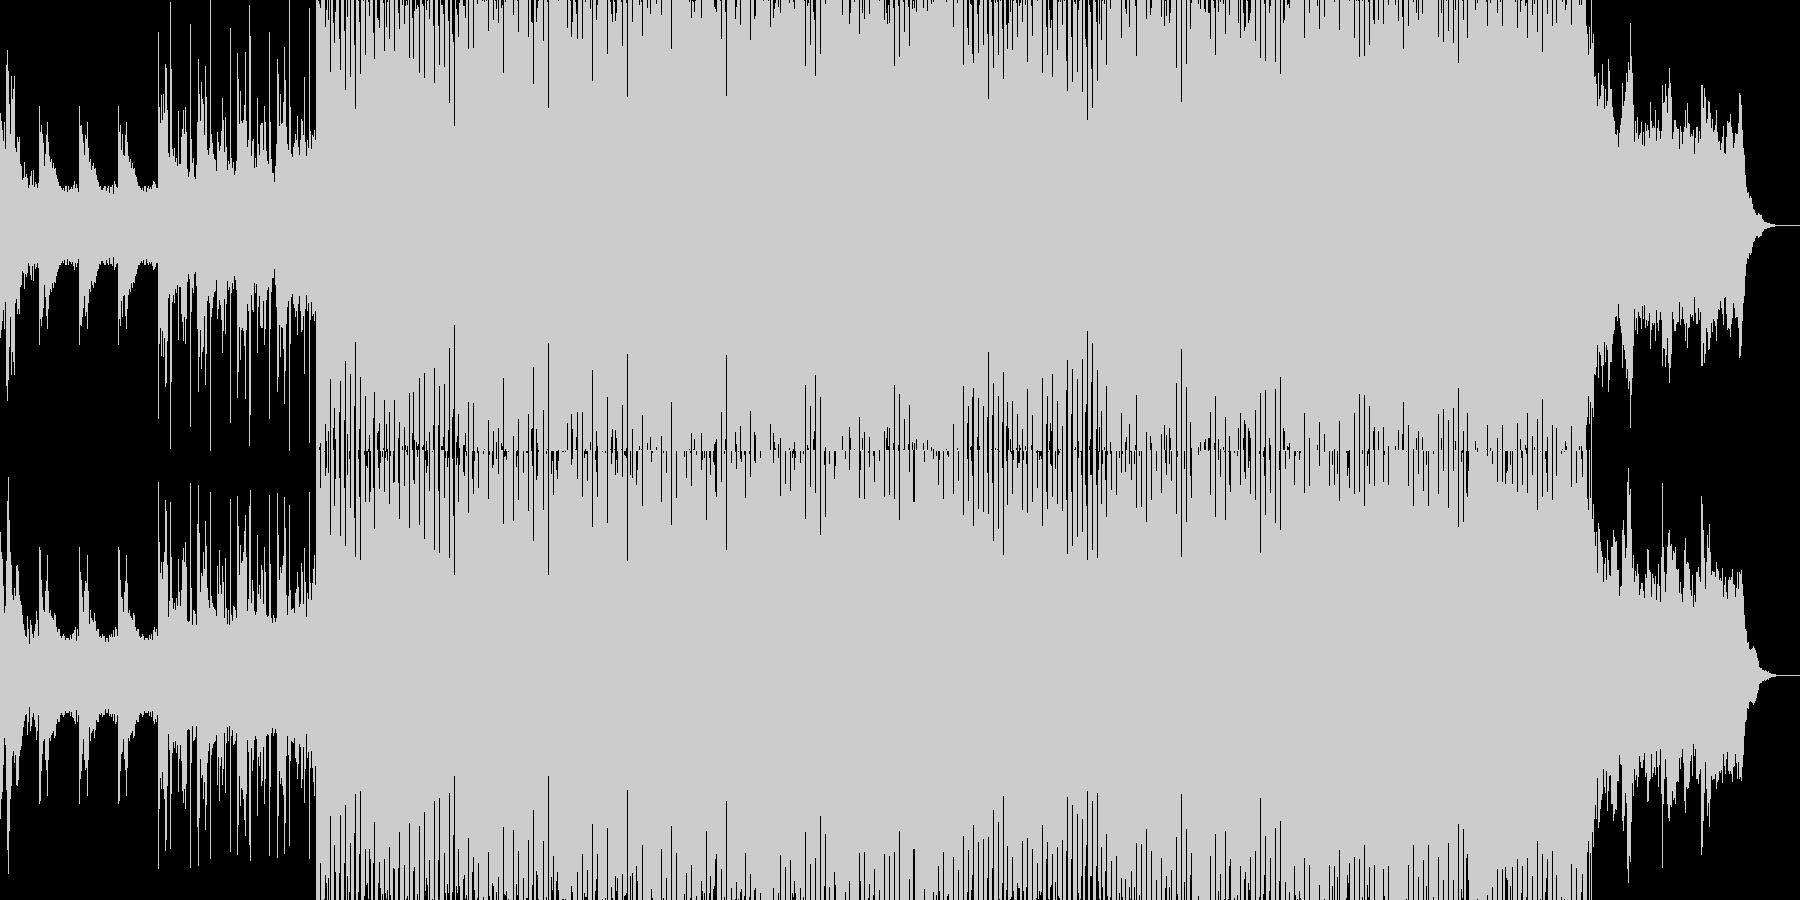 EDMクラブ系ダンスミュージック-32の未再生の波形